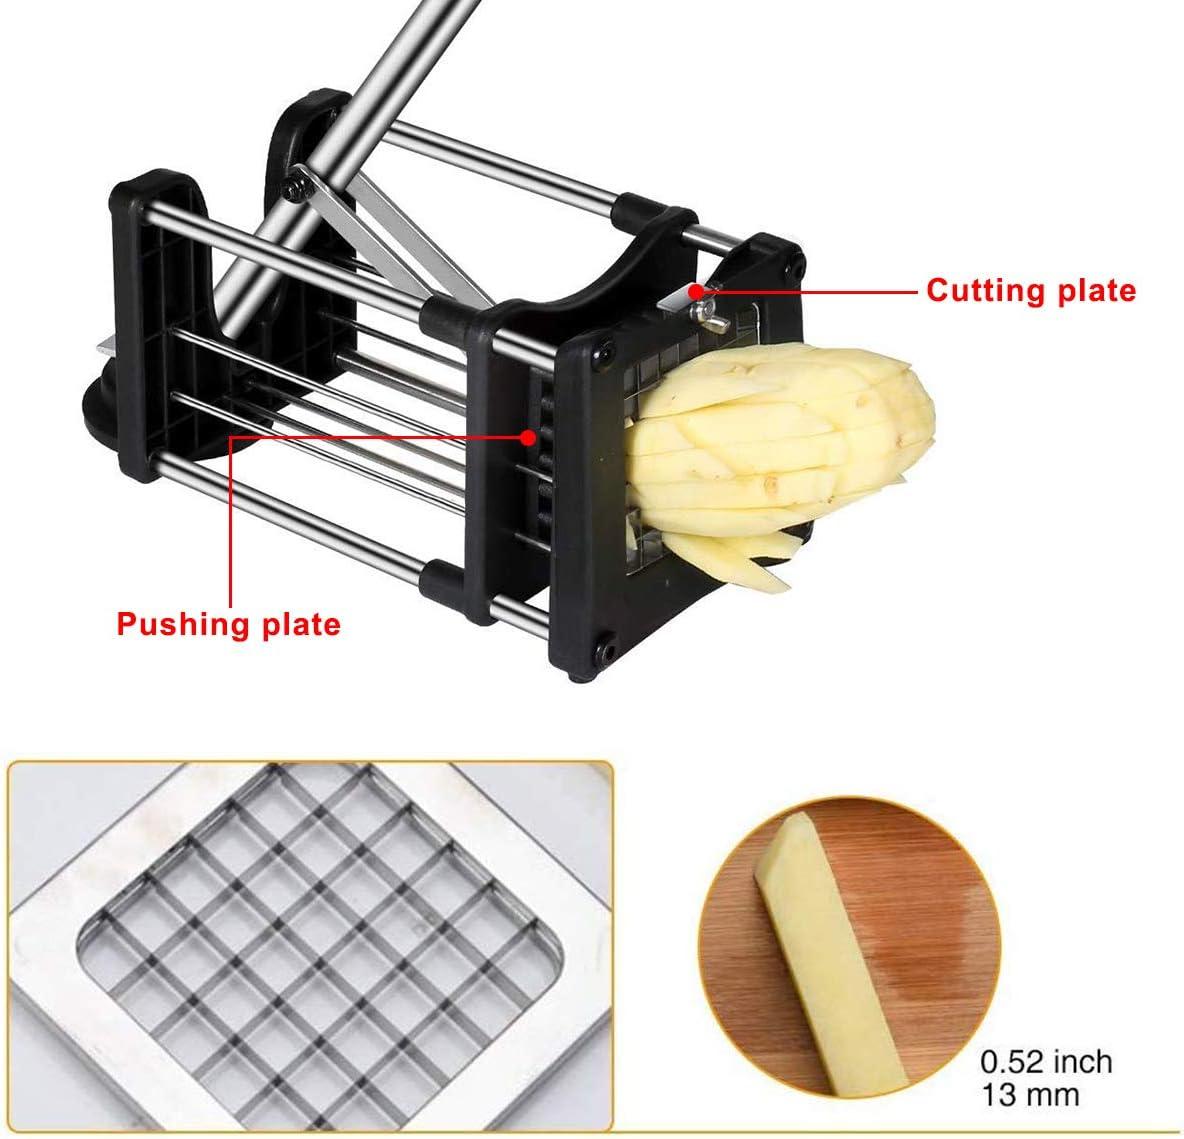 Cuchilla de repuesto para papas fritas met/álico cuchilla de 1//2 pulgada para cortador de papas fritas